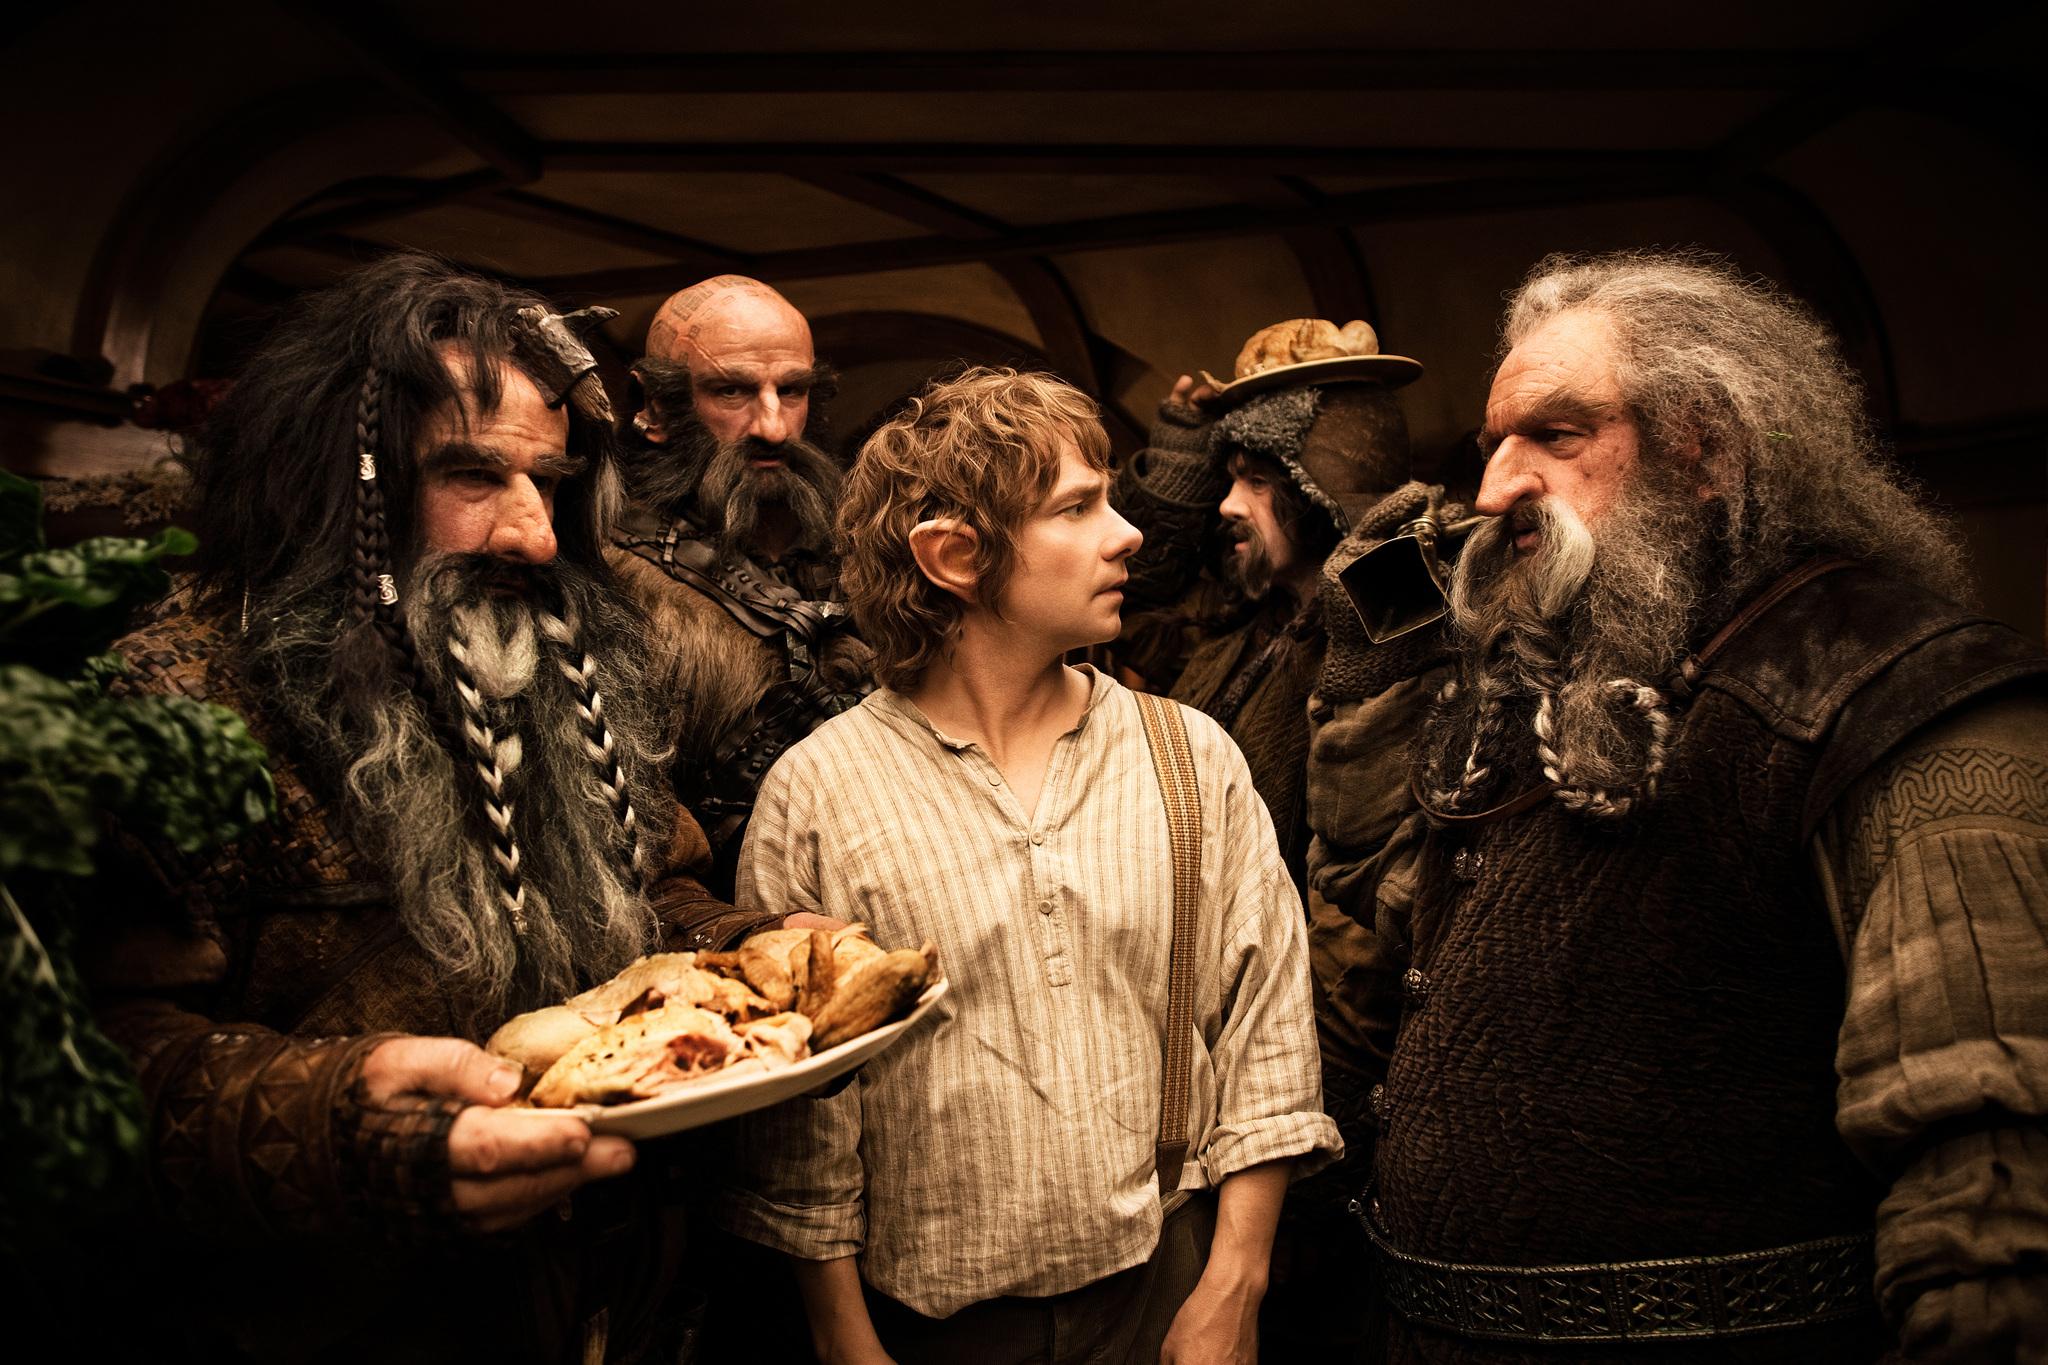 Från Hobbit (2012)